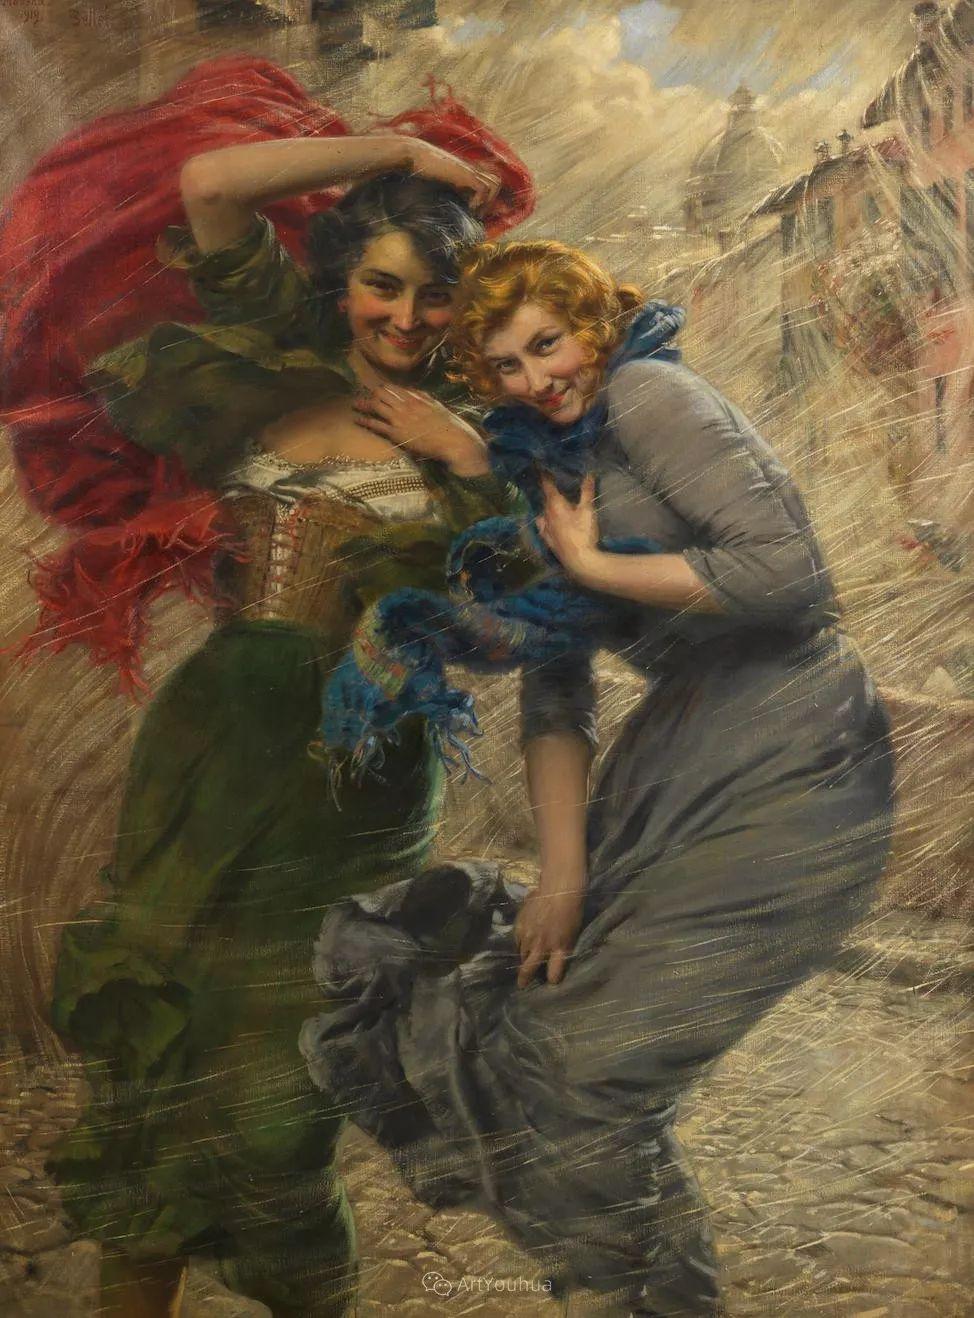 惟妙惟肖的肖像,意大利画家Gaetano Bellei插图7